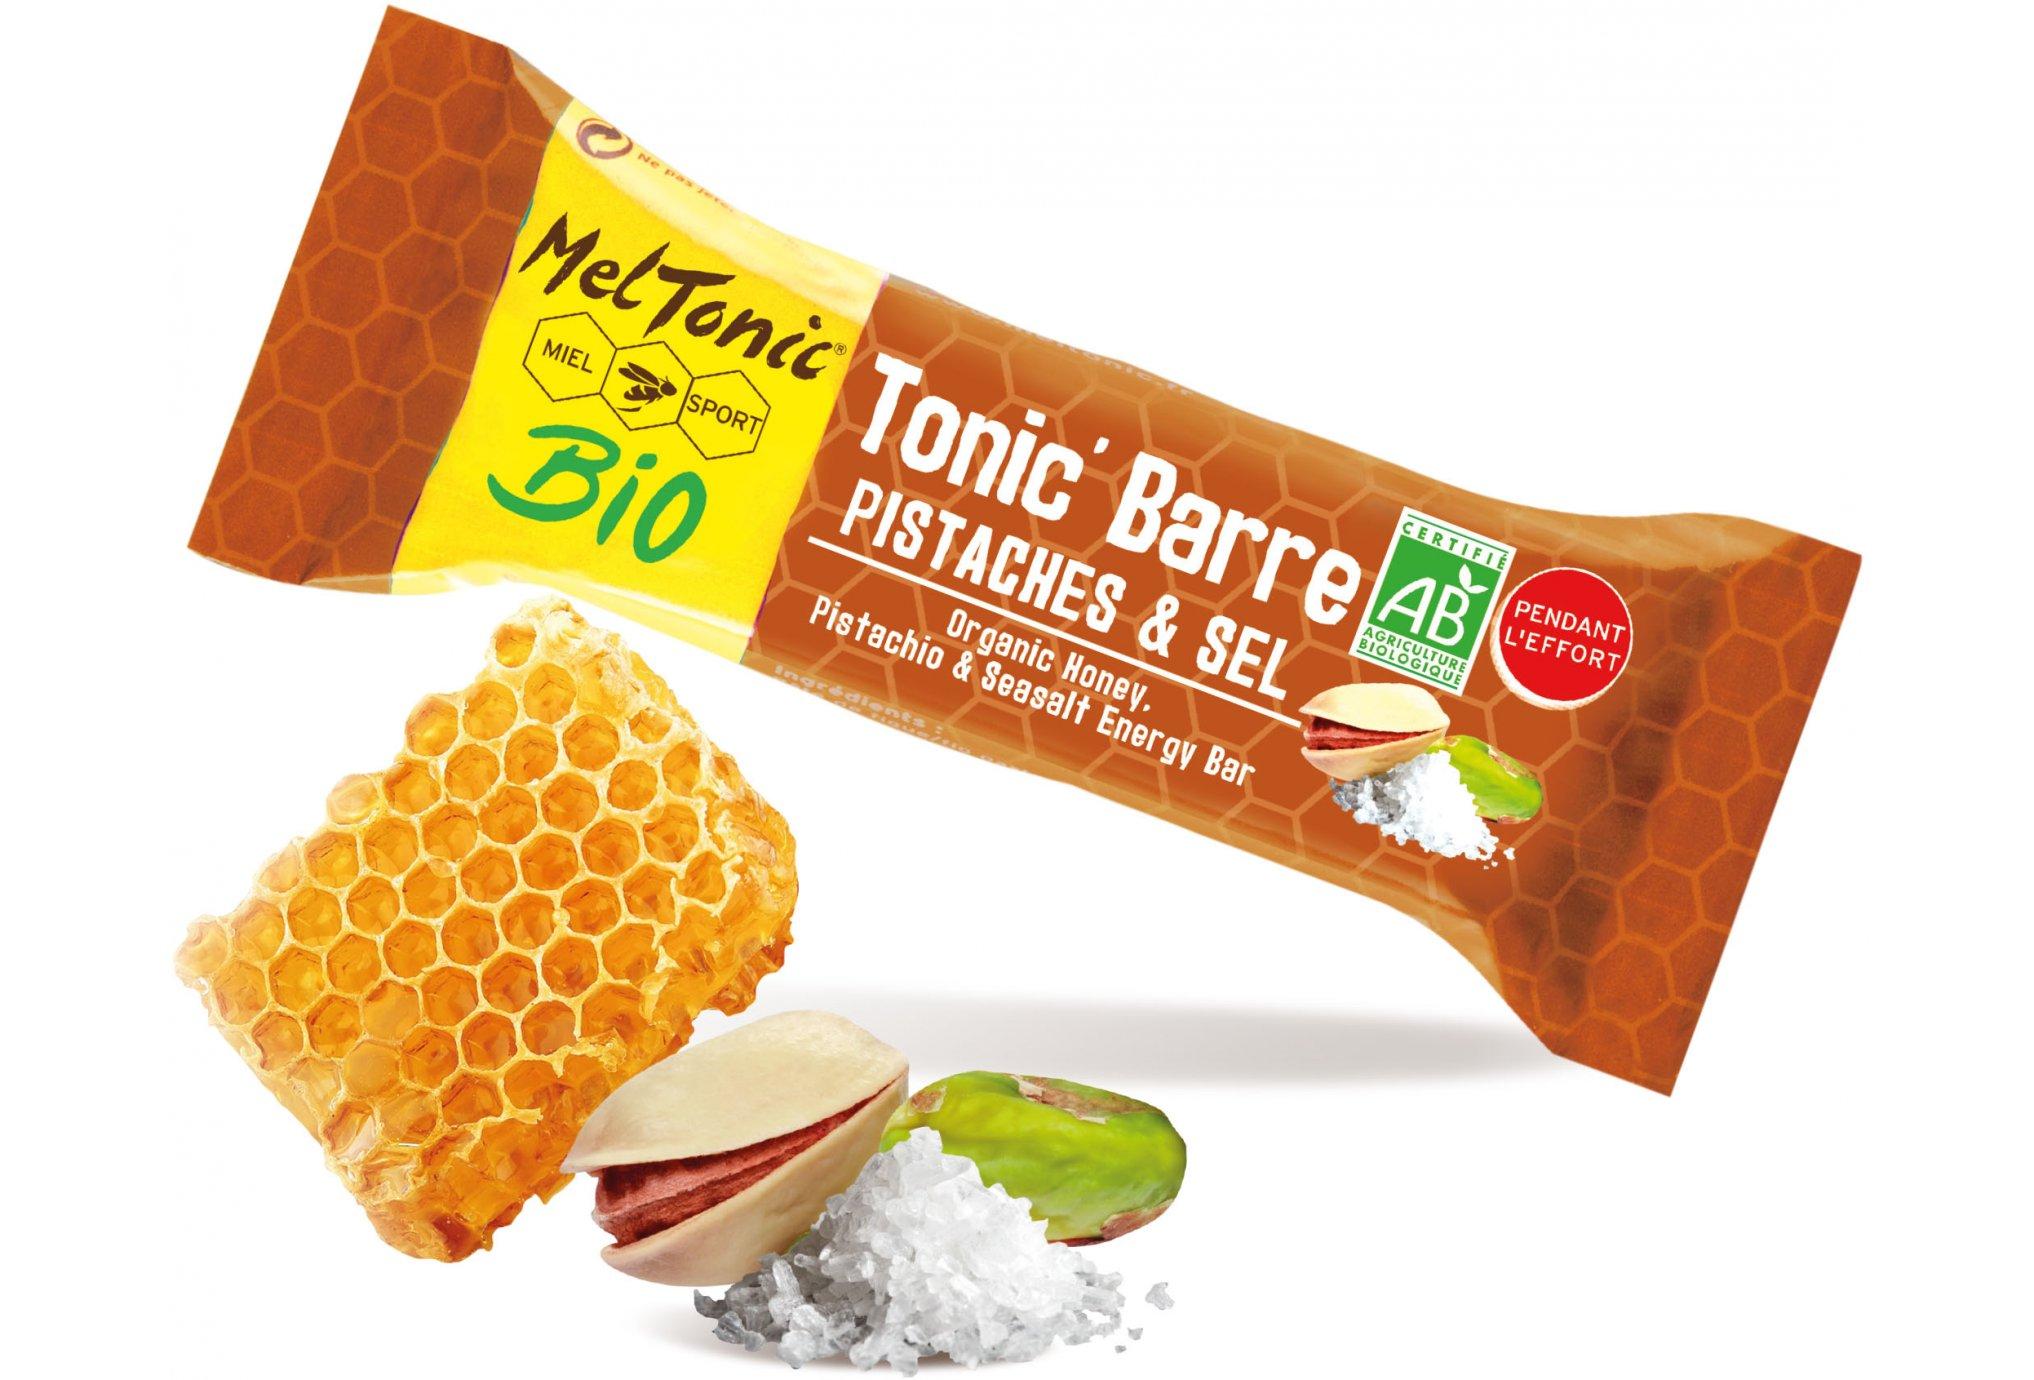 MelTonic Barrita energética de cereales BIO-Pistacho y Flor de sal Diététique Barres